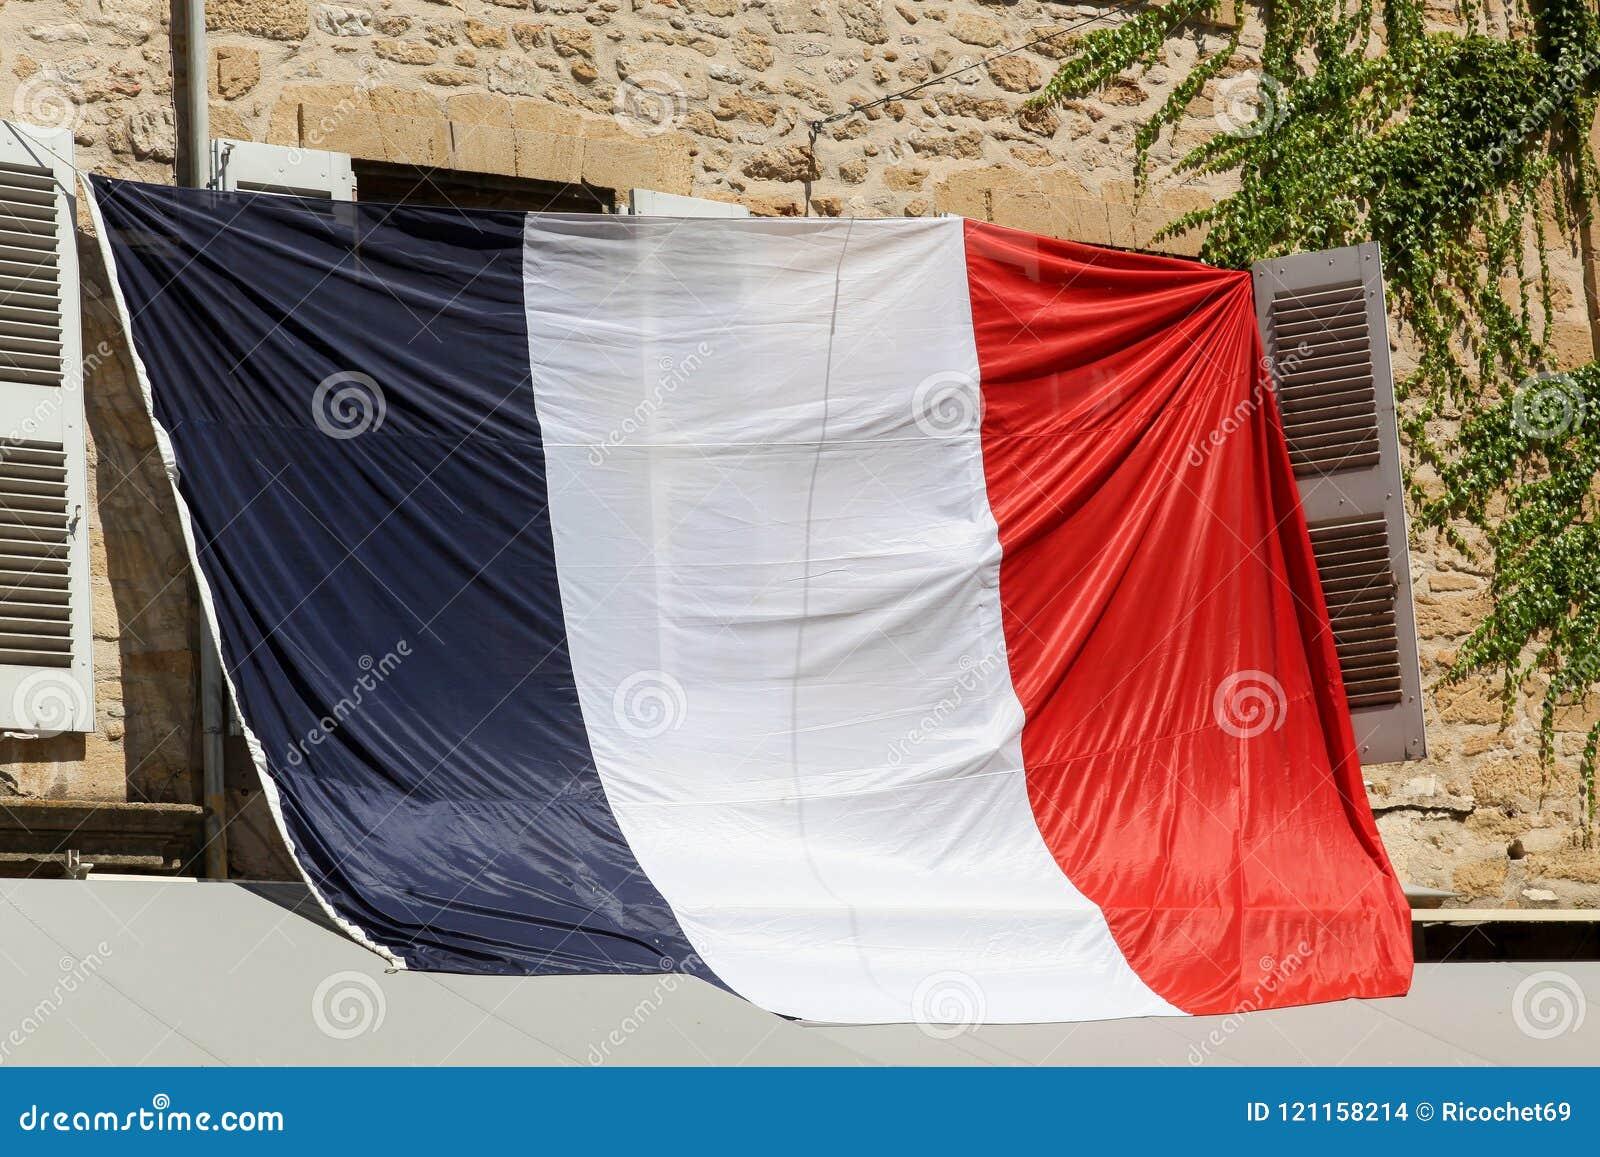 Drapeau français à une fenêtre pendant la coupe du monde du football 2018